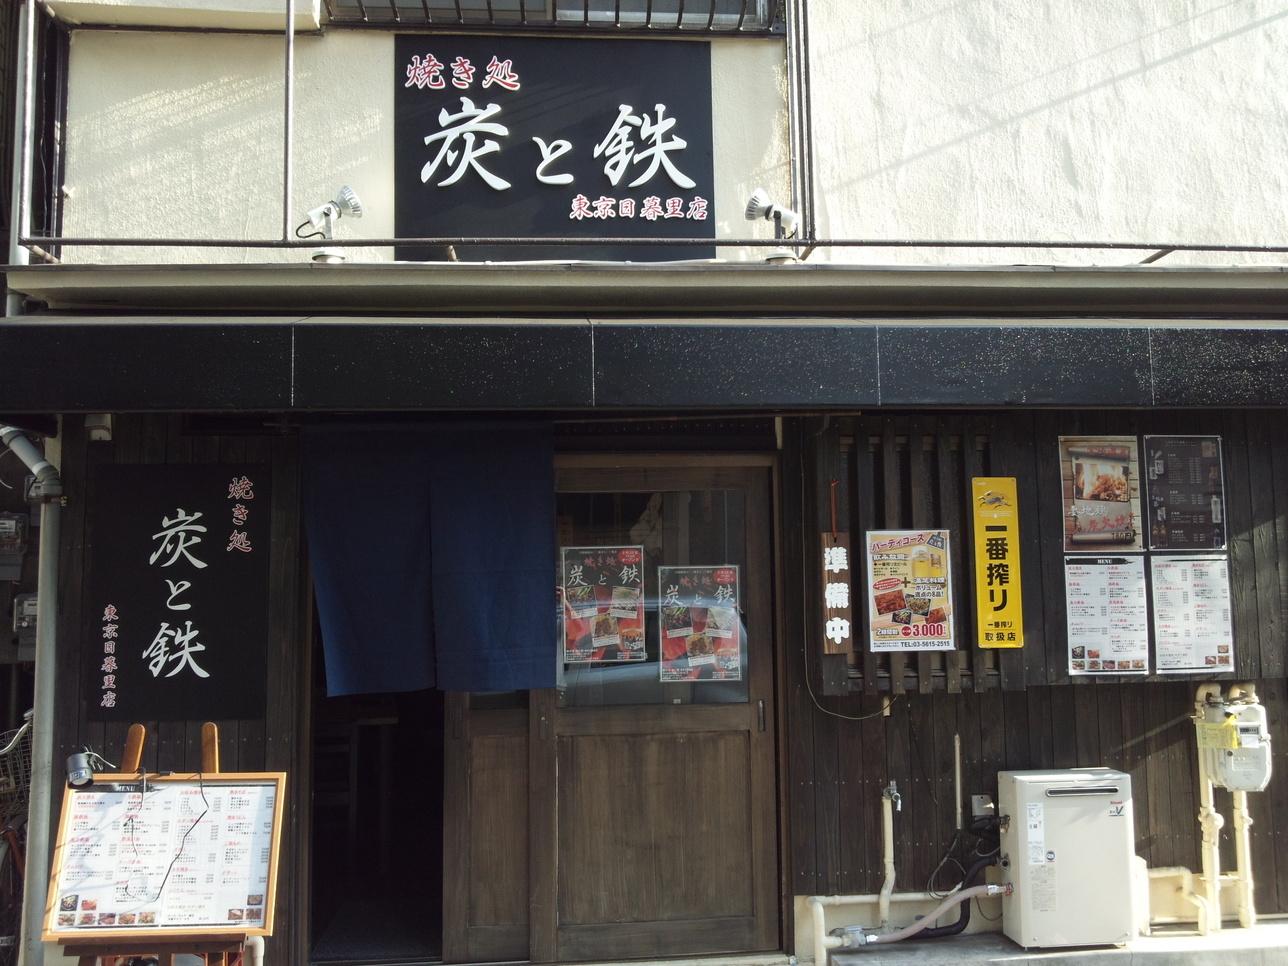 東京日暮里にある炭火焼きと鉄板の炭と鉄東京日暮里店